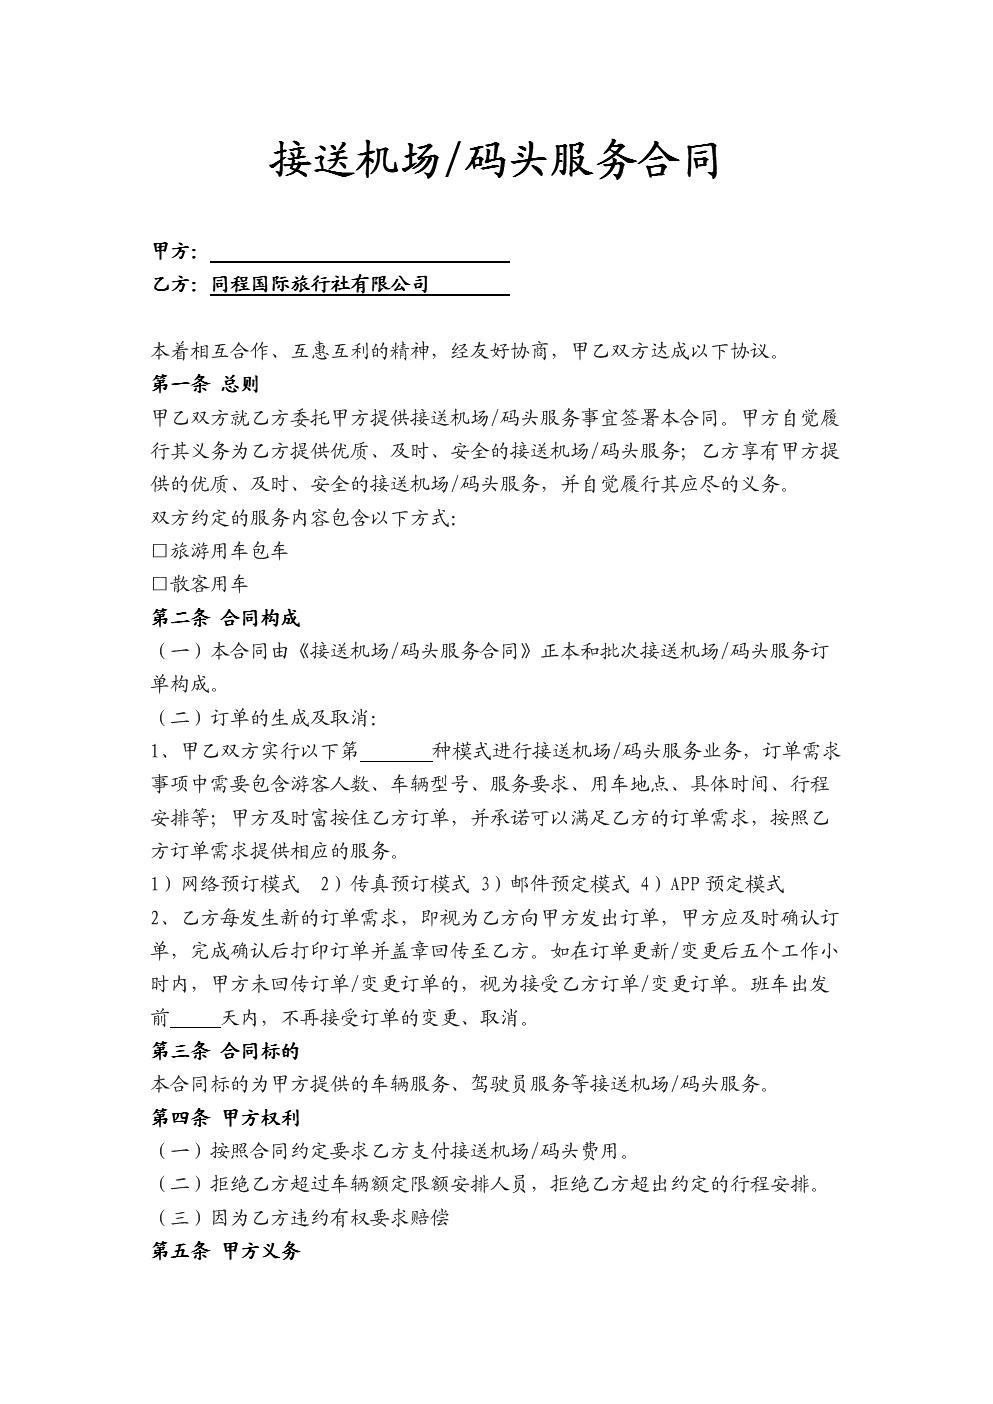 接送机服务合同(小交通合同).docx